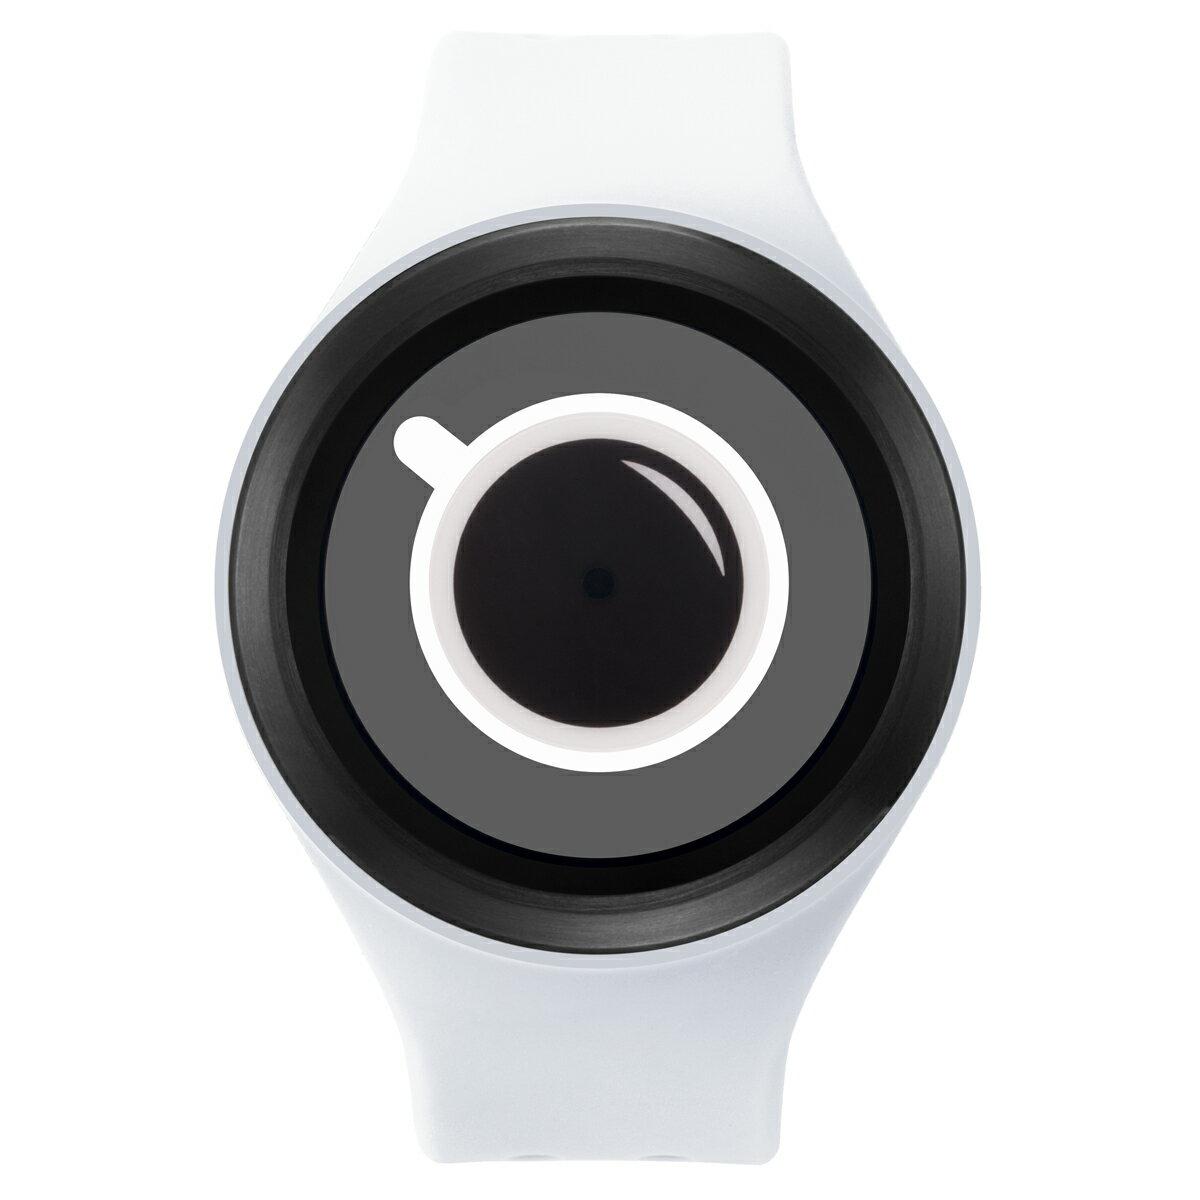 ZEROO COFFEE TIME ゼロ 電池式クォーツ 腕時計 [W00302B03SR01] ホワイト デザインウォッチ ペア用 メンズ レディース ユニセックス おしゃれ時計 デザイナーズ